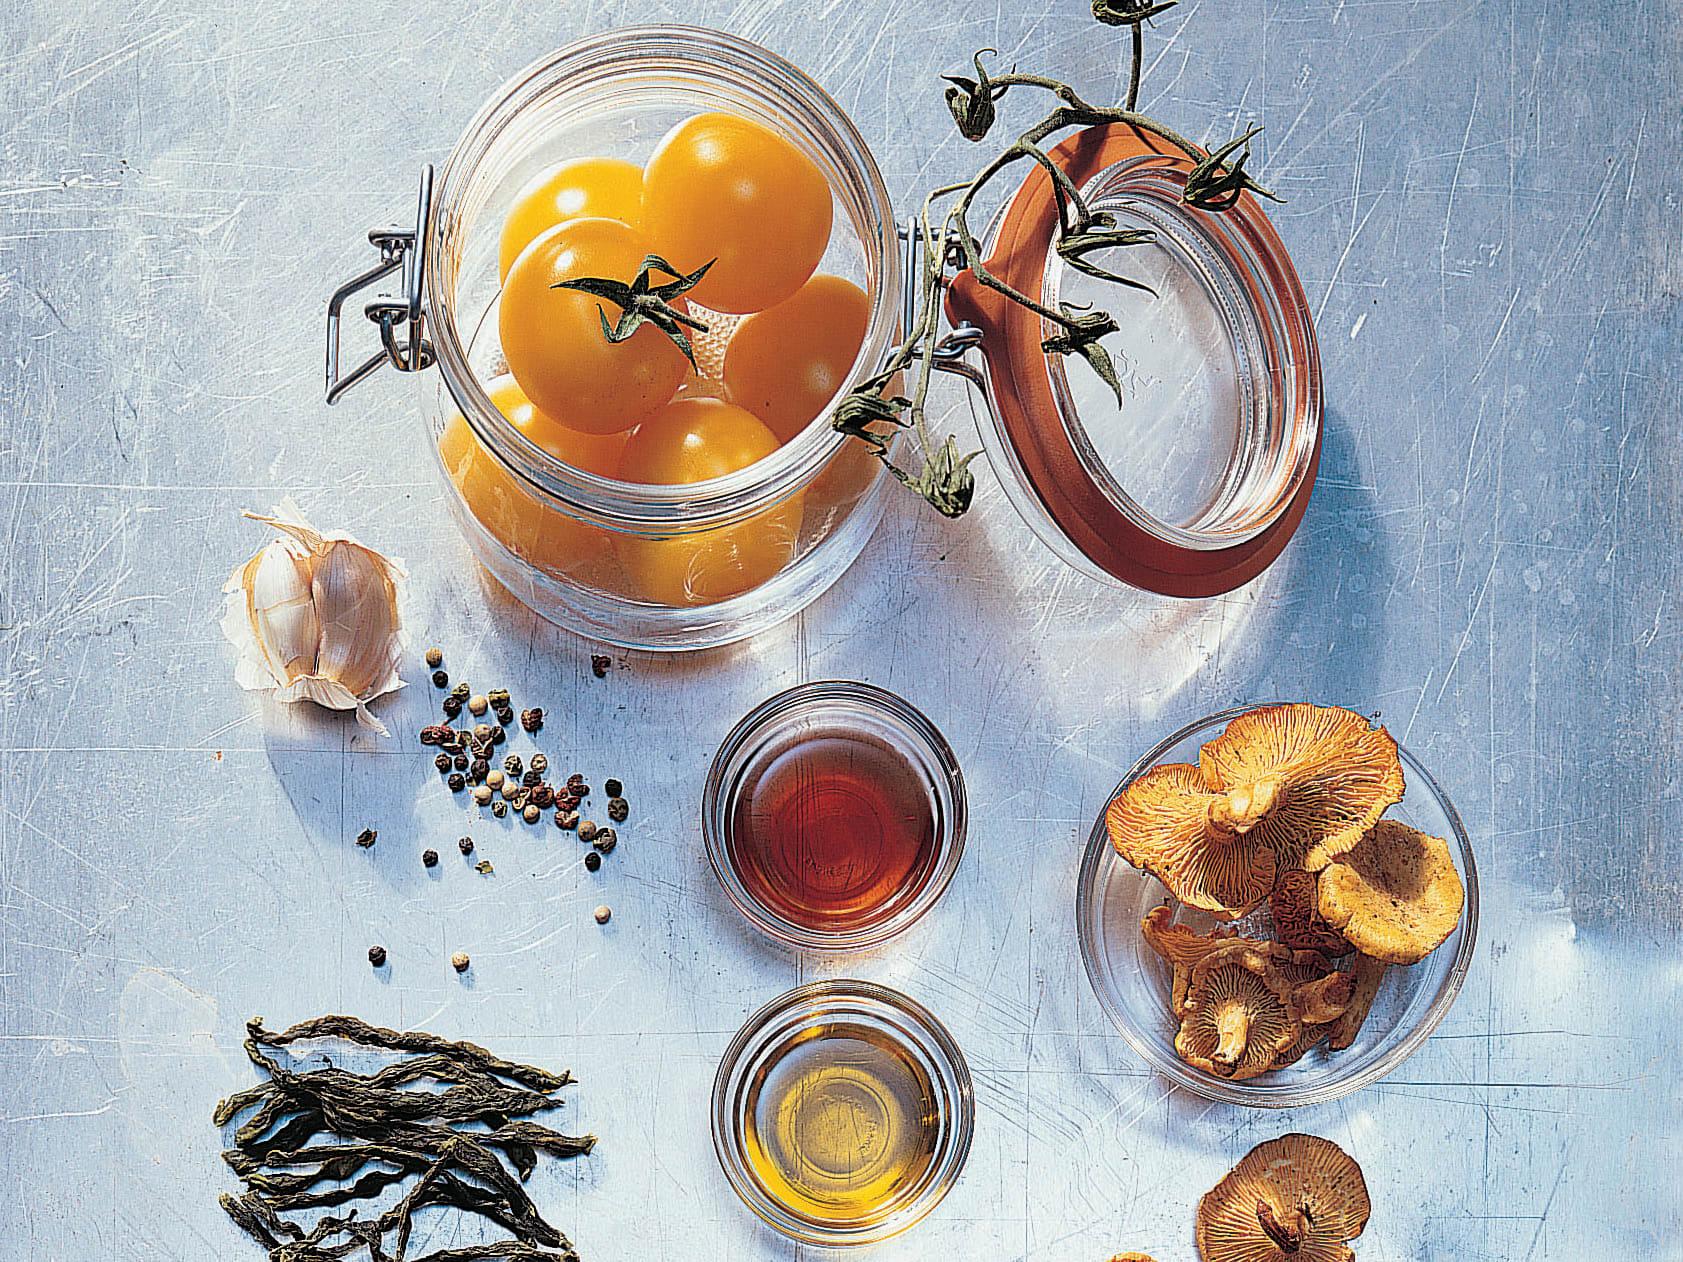 Remplissage à chaud et condiment aigre-doux